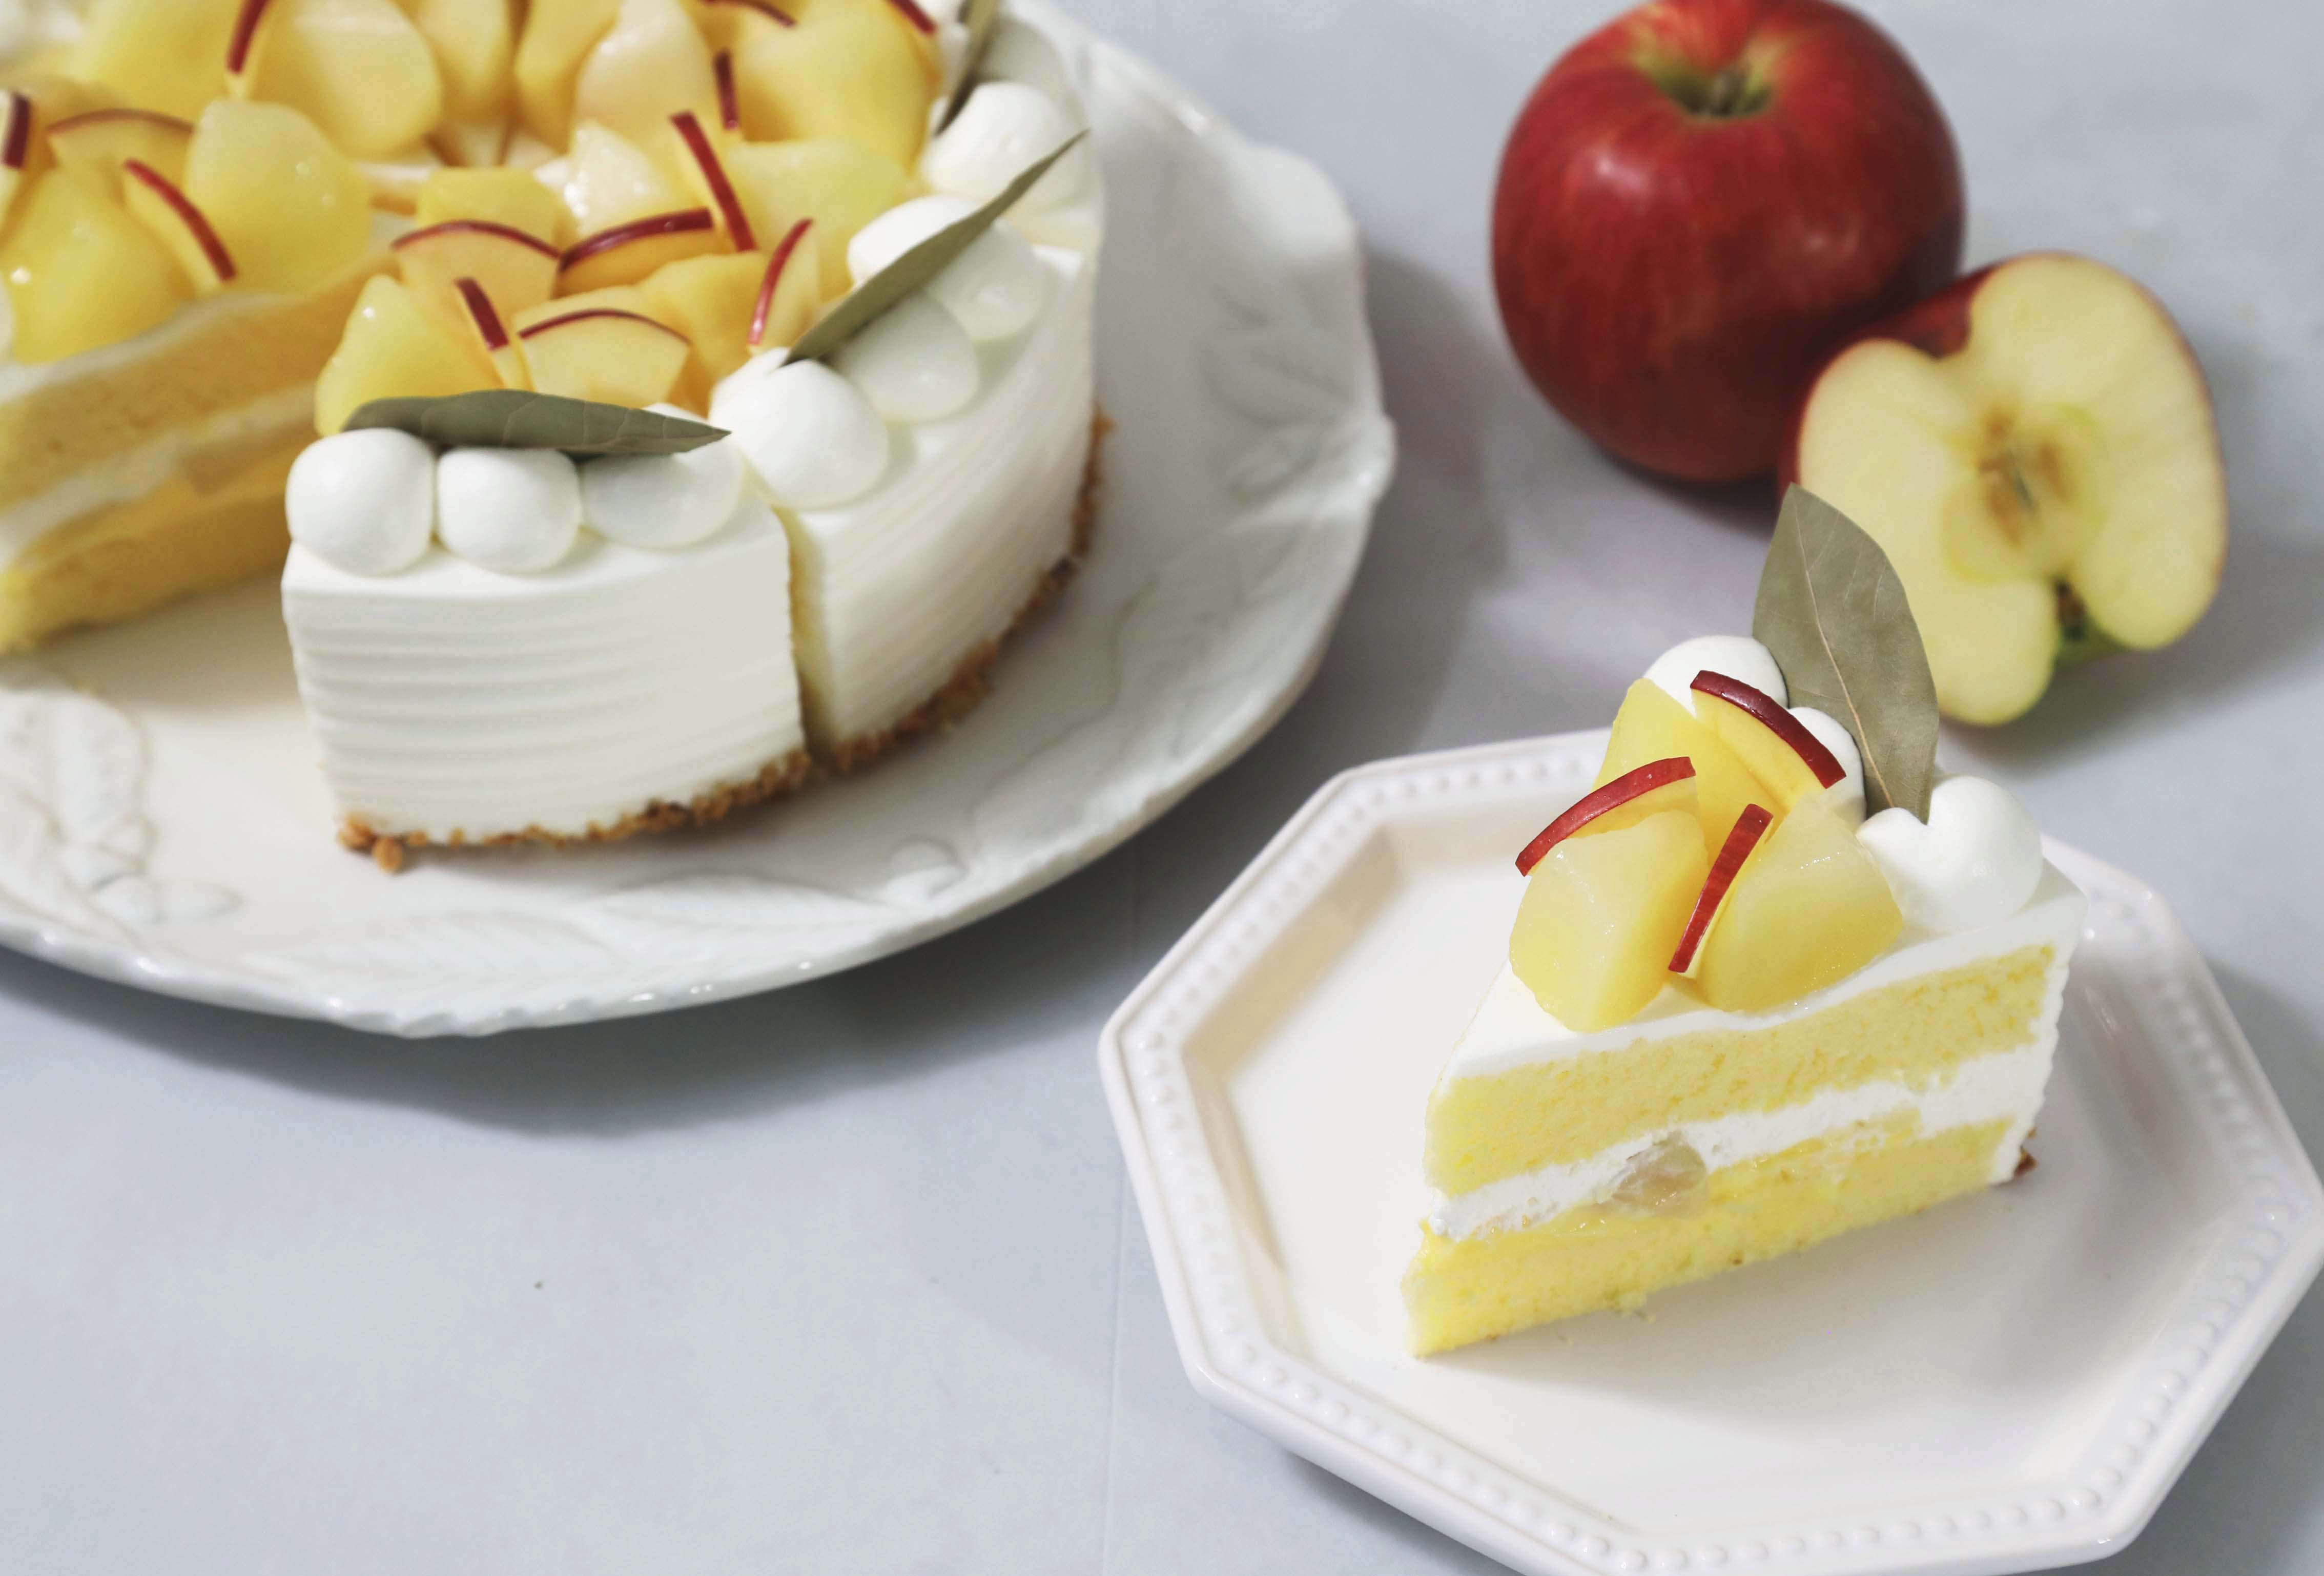 【2021年初登場!りんごを使ったケーキ】「PÂTISSERIE PINEDE(パティスリーピネード)」より、「季節のショートケーキ りんご」を発売